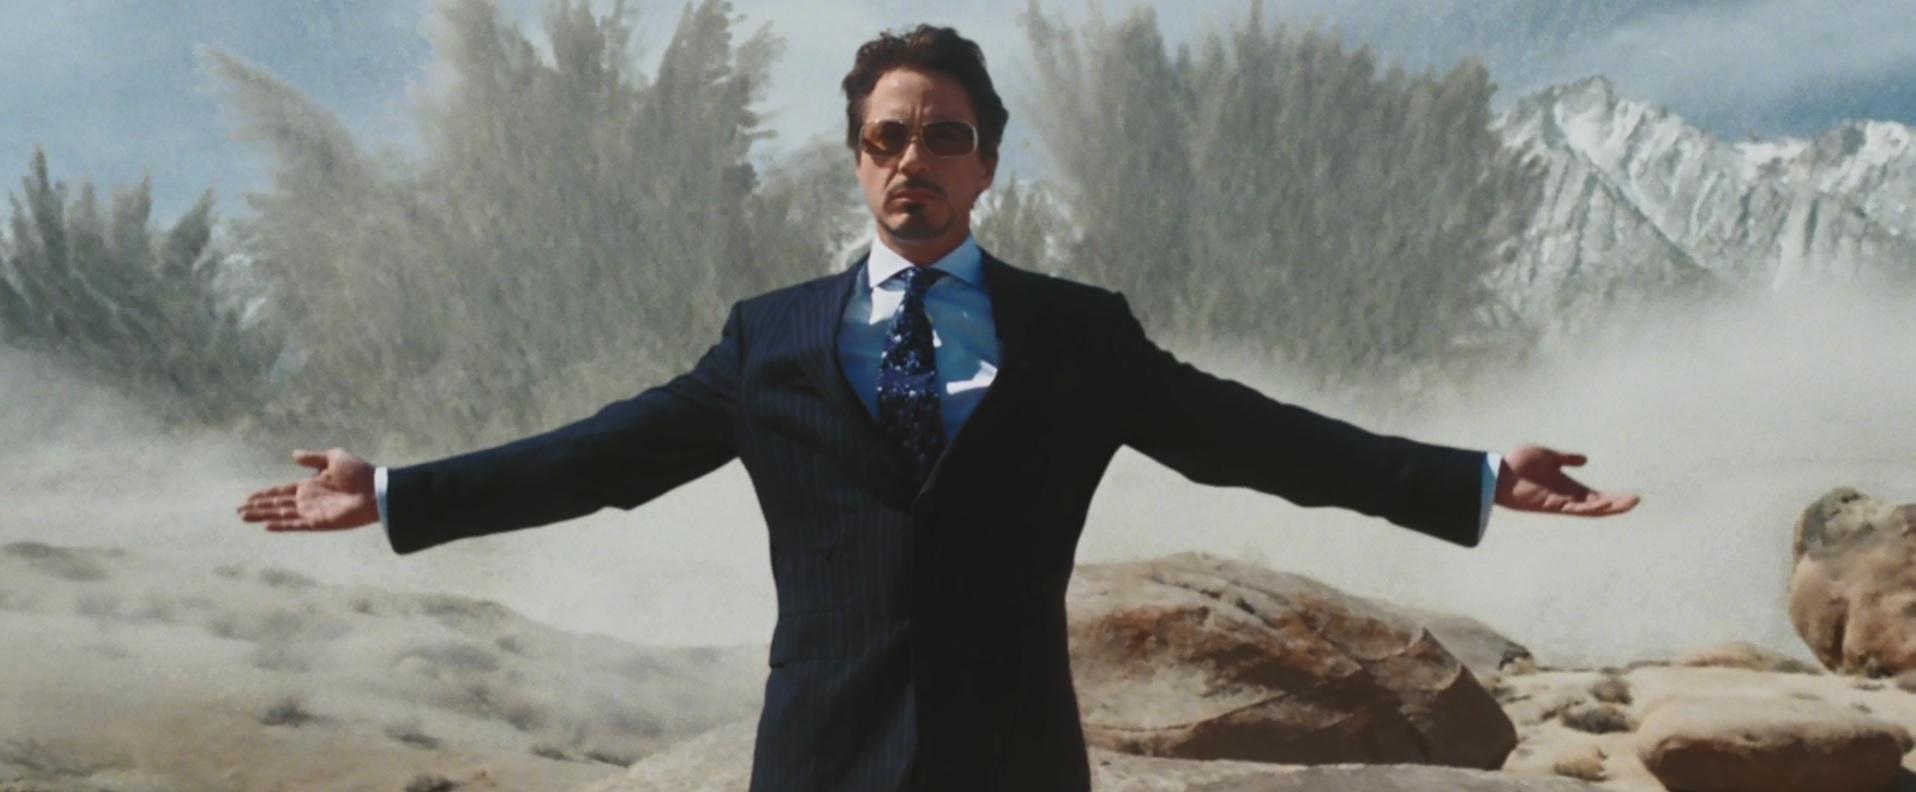 «Месники: Завершення» стали найприбутковішим фільмом в історії